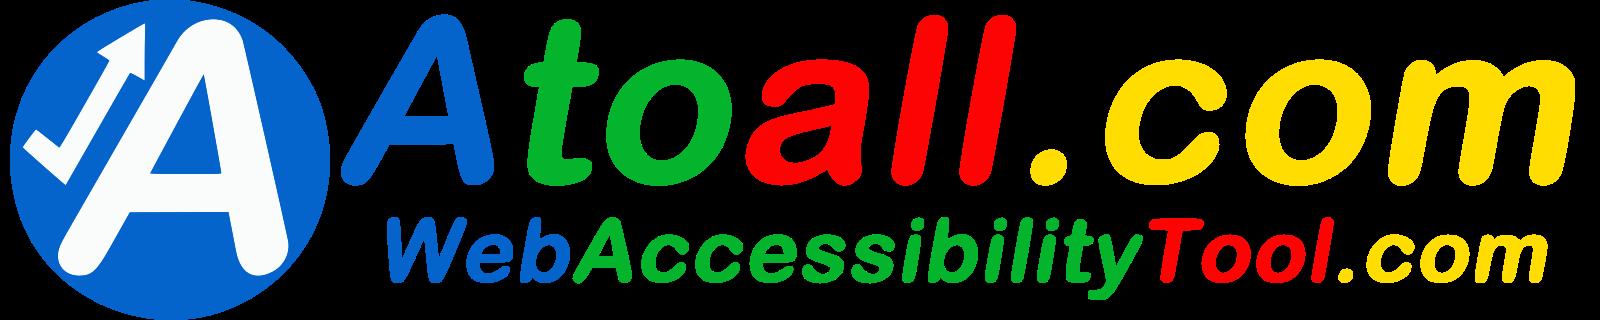 Web accessibility tool Logo